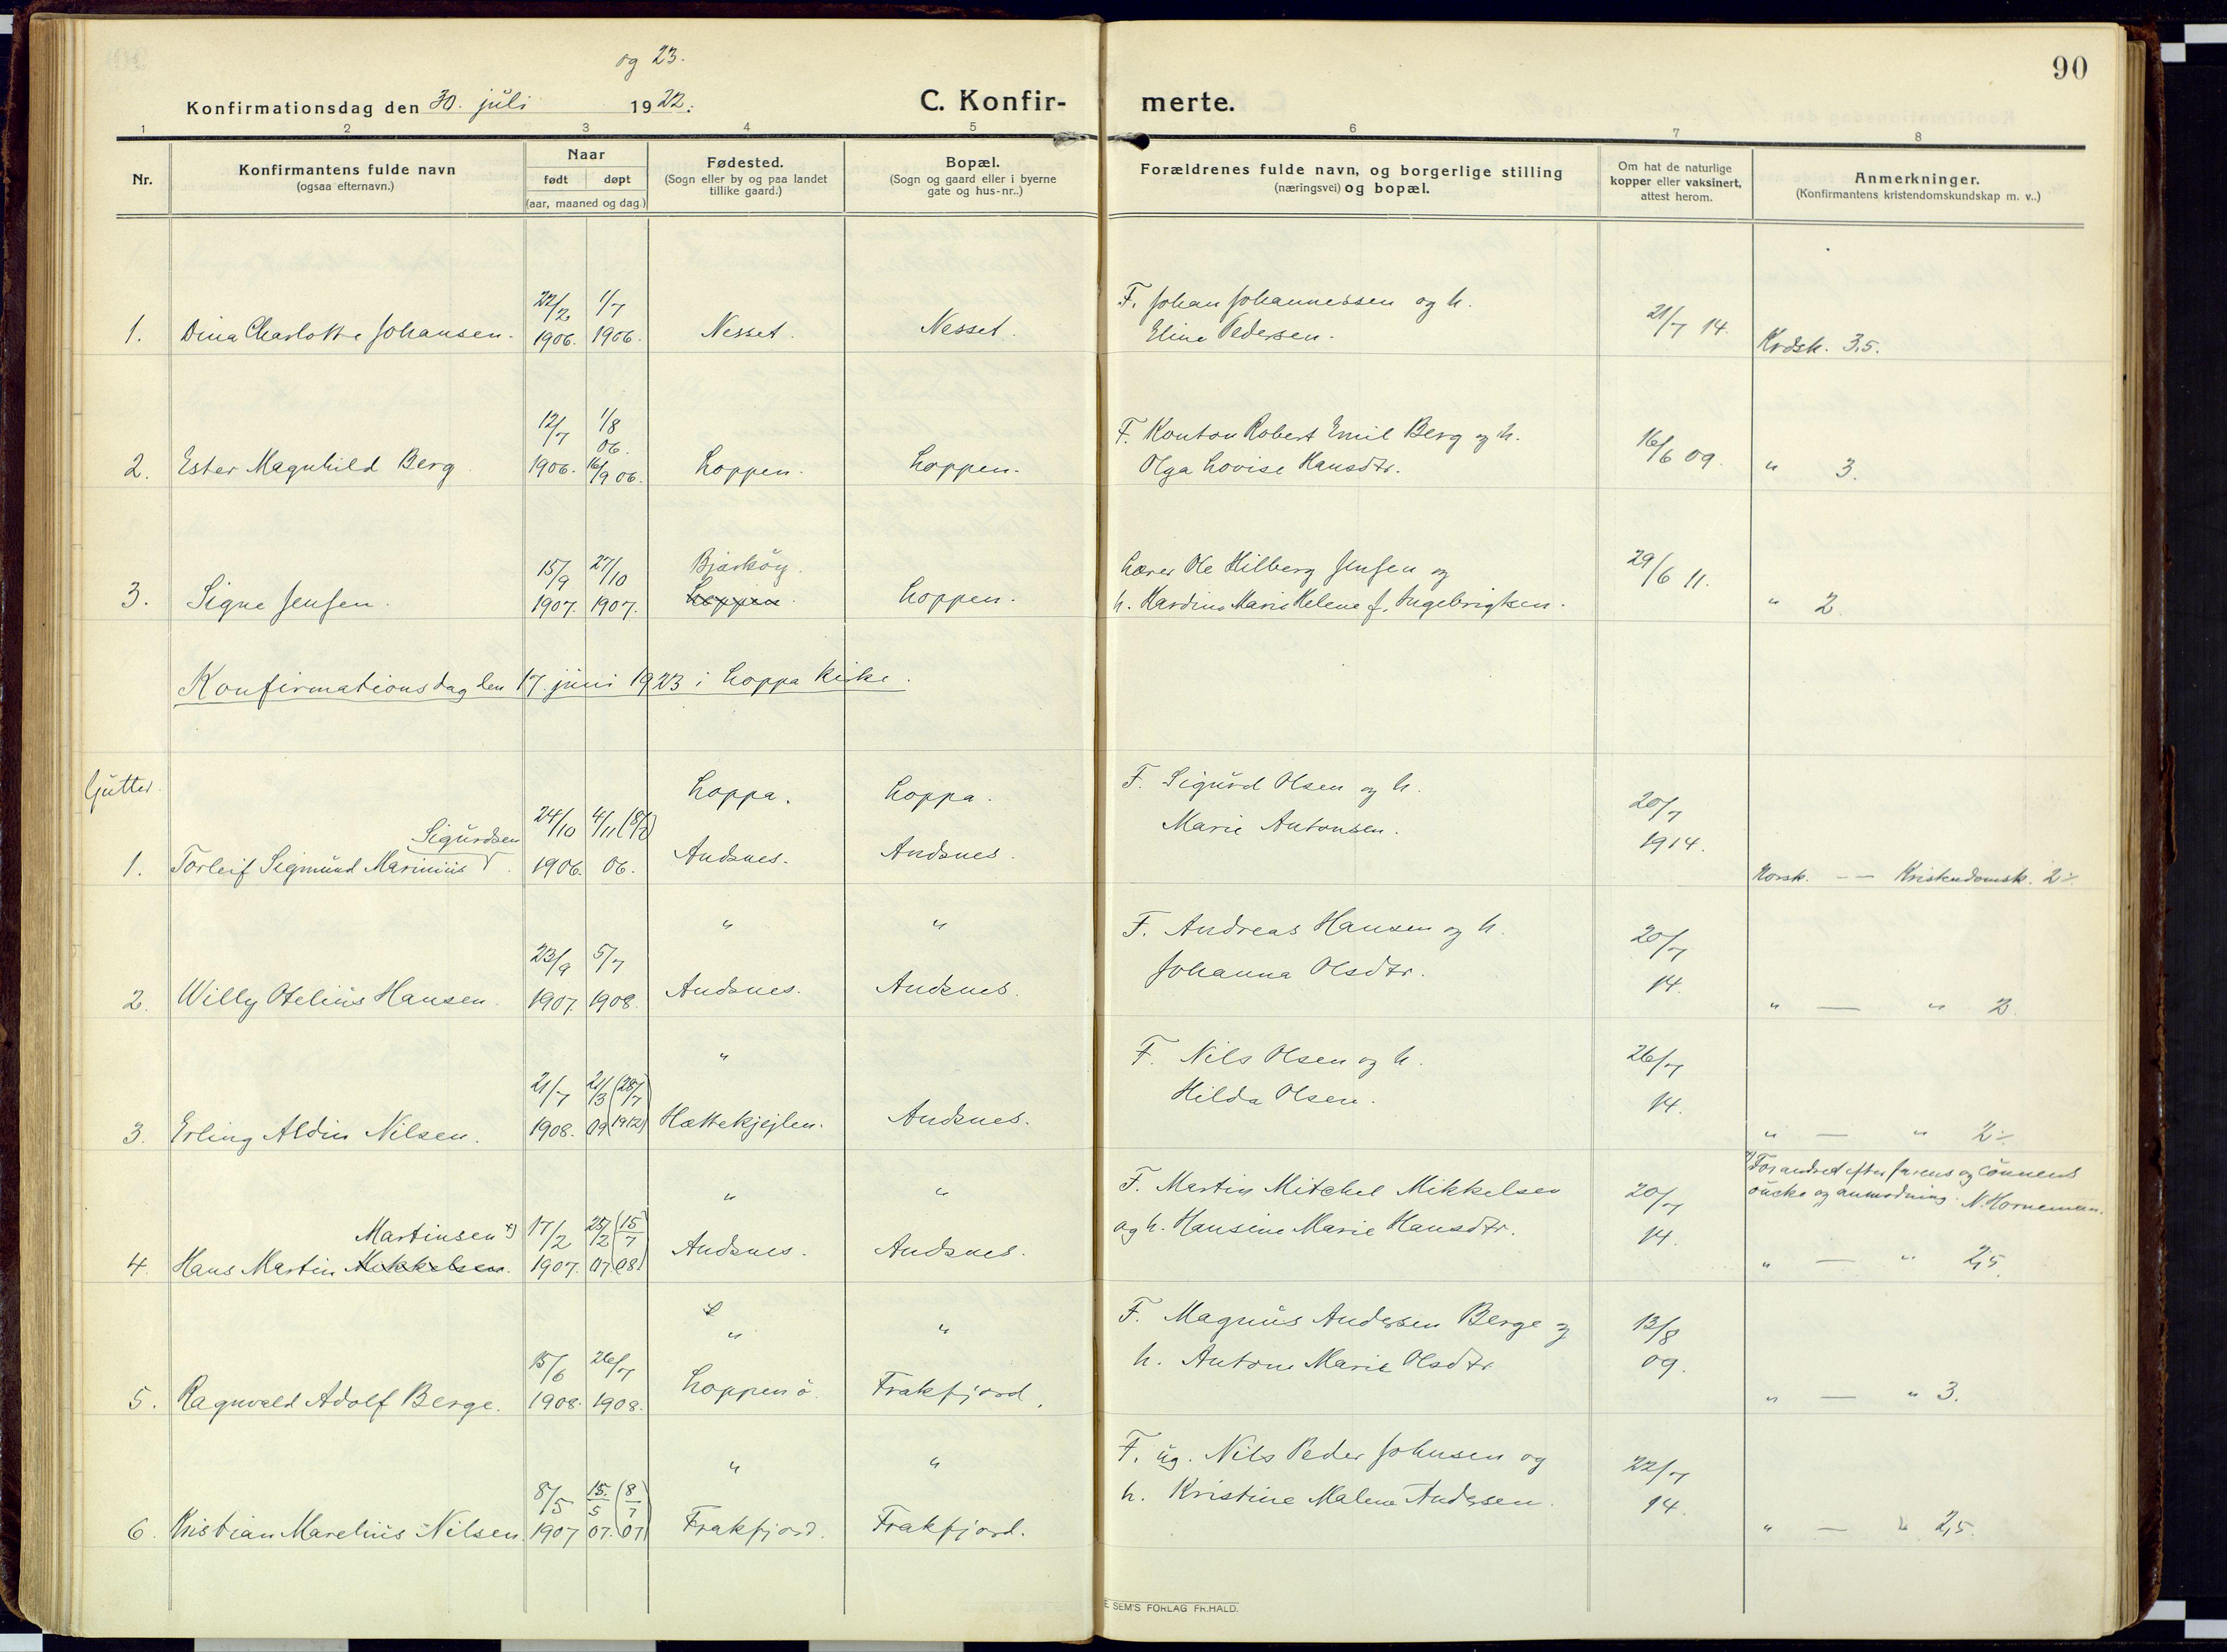 SATØ, Loppa sokneprestkontor, H/Ha/L0013kirke: Ministerialbok nr. 13, 1920-1932, s. 90